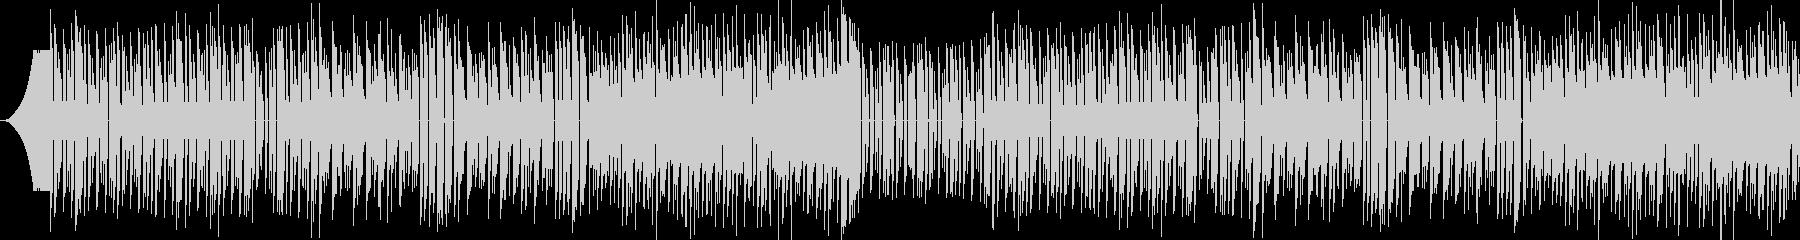 【ファミコン風】バトルシーン音楽 #1の未再生の波形